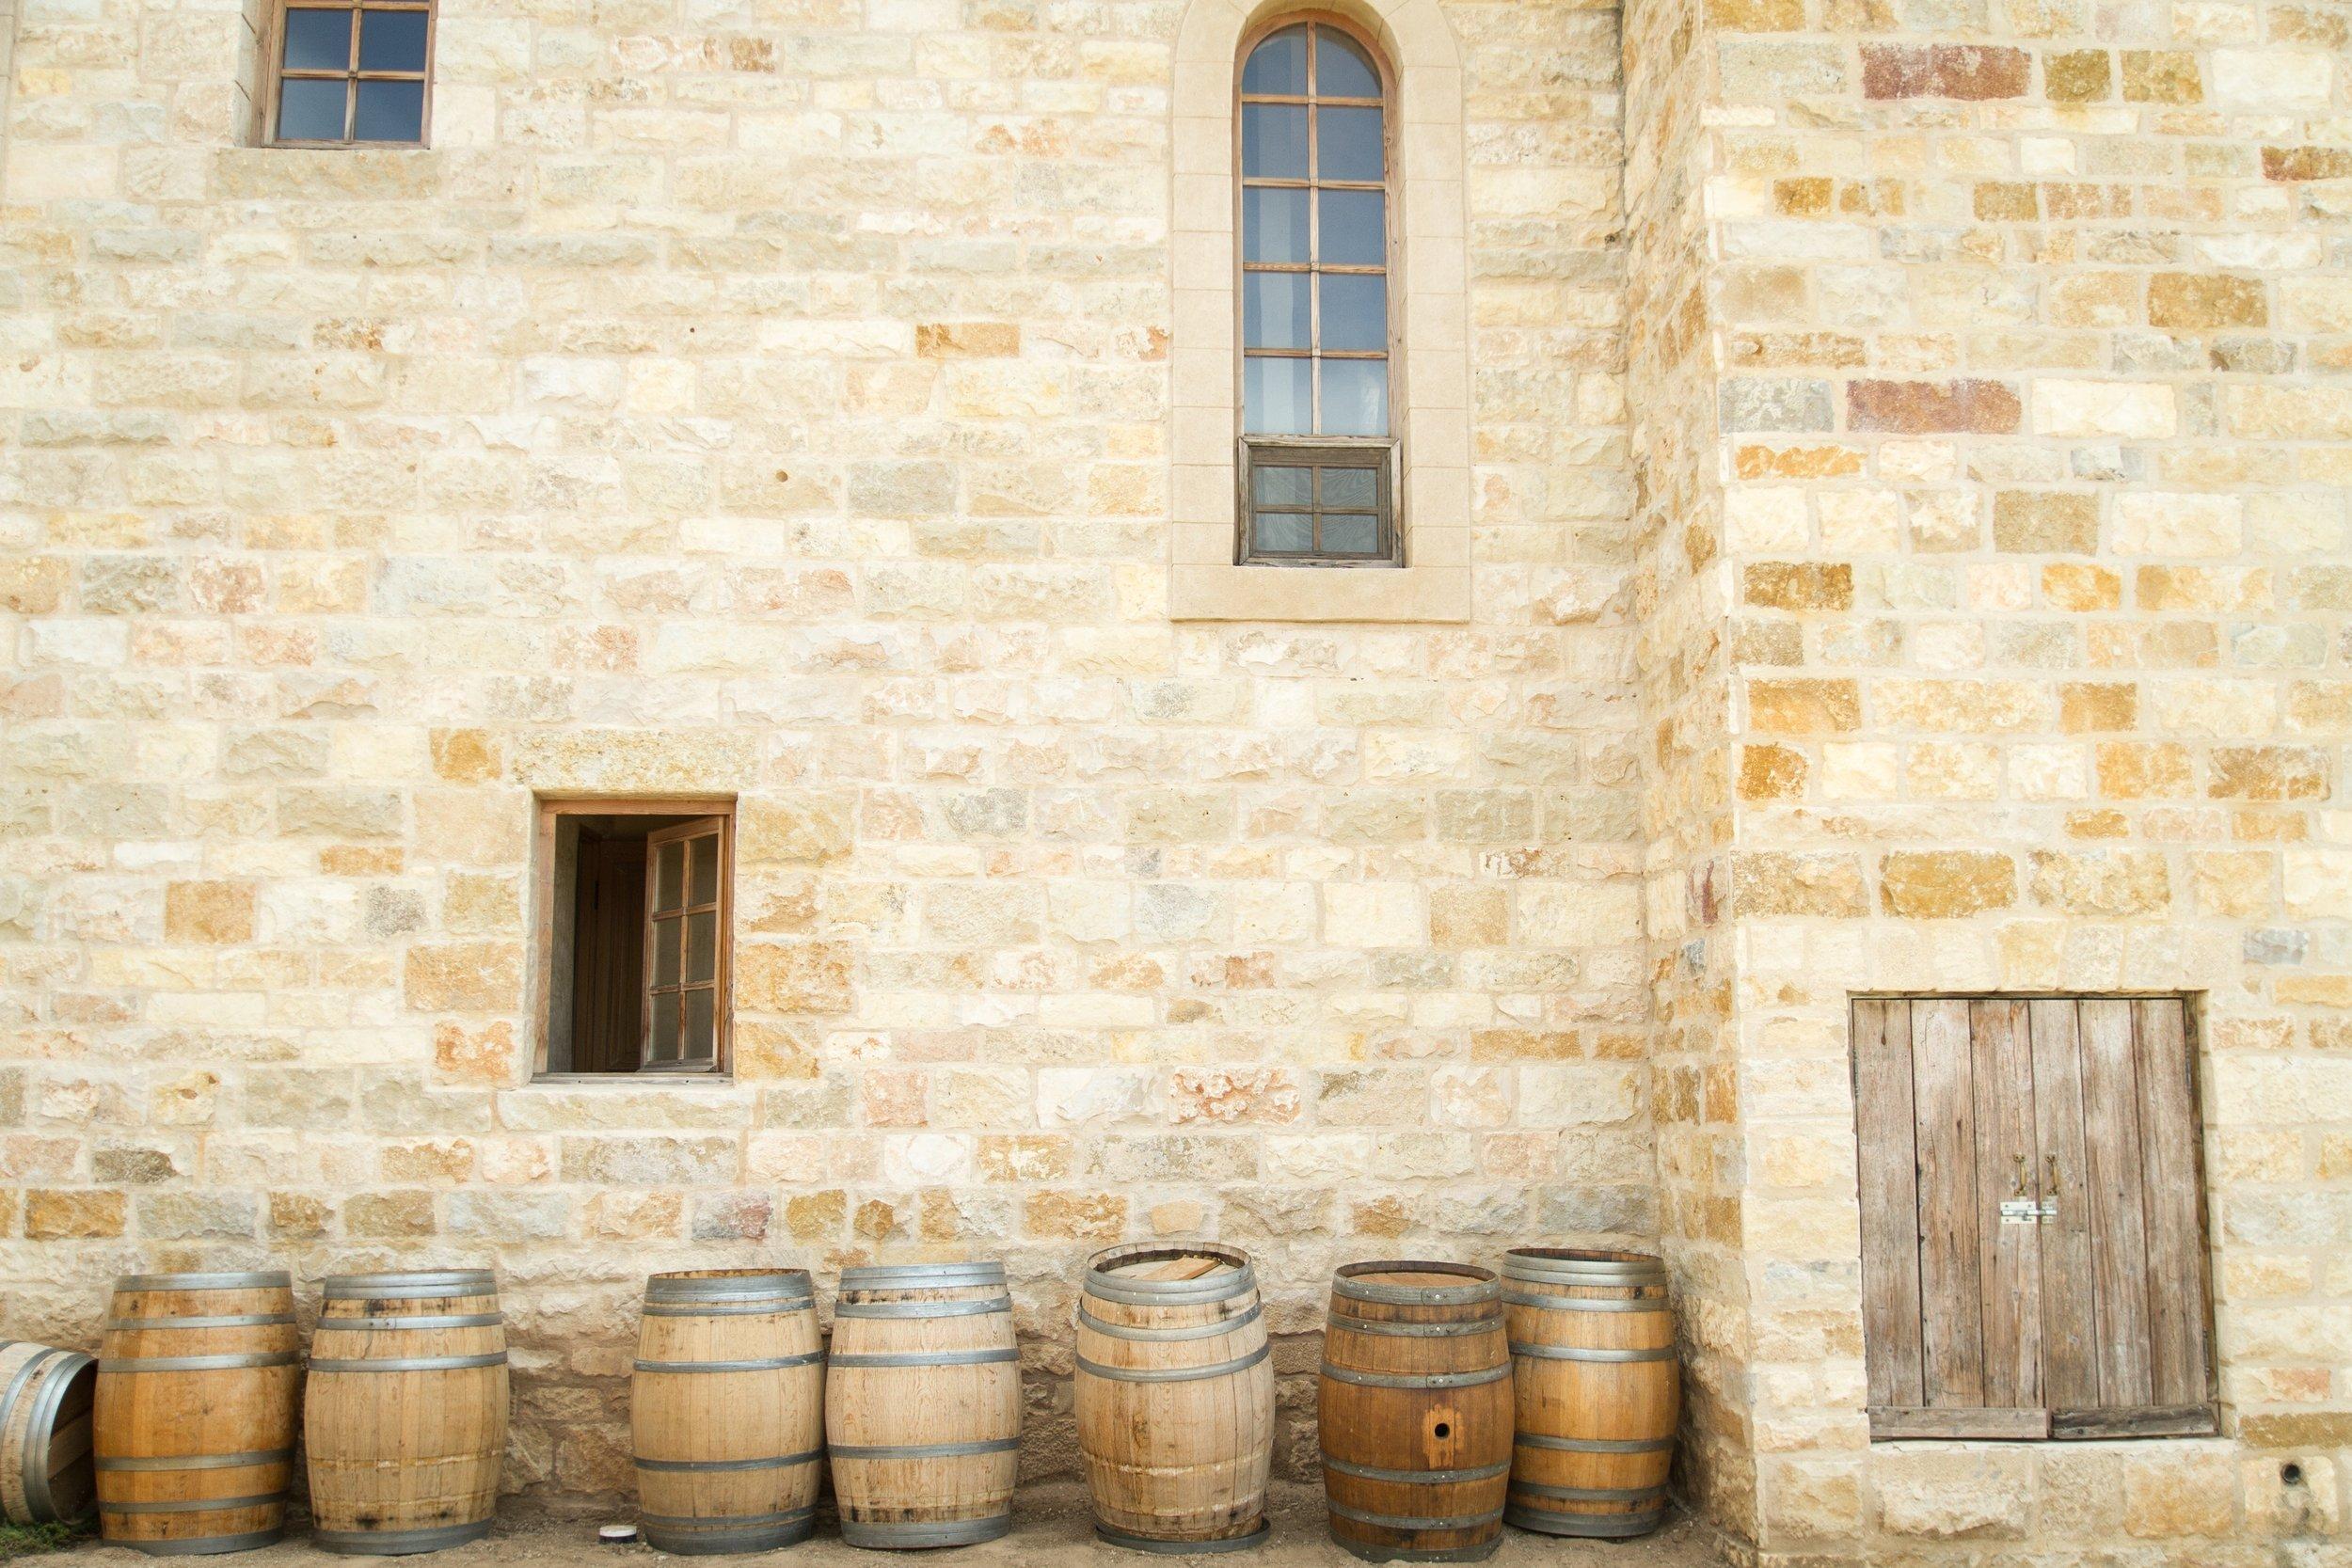 castle-fort-italian-6932.jpg